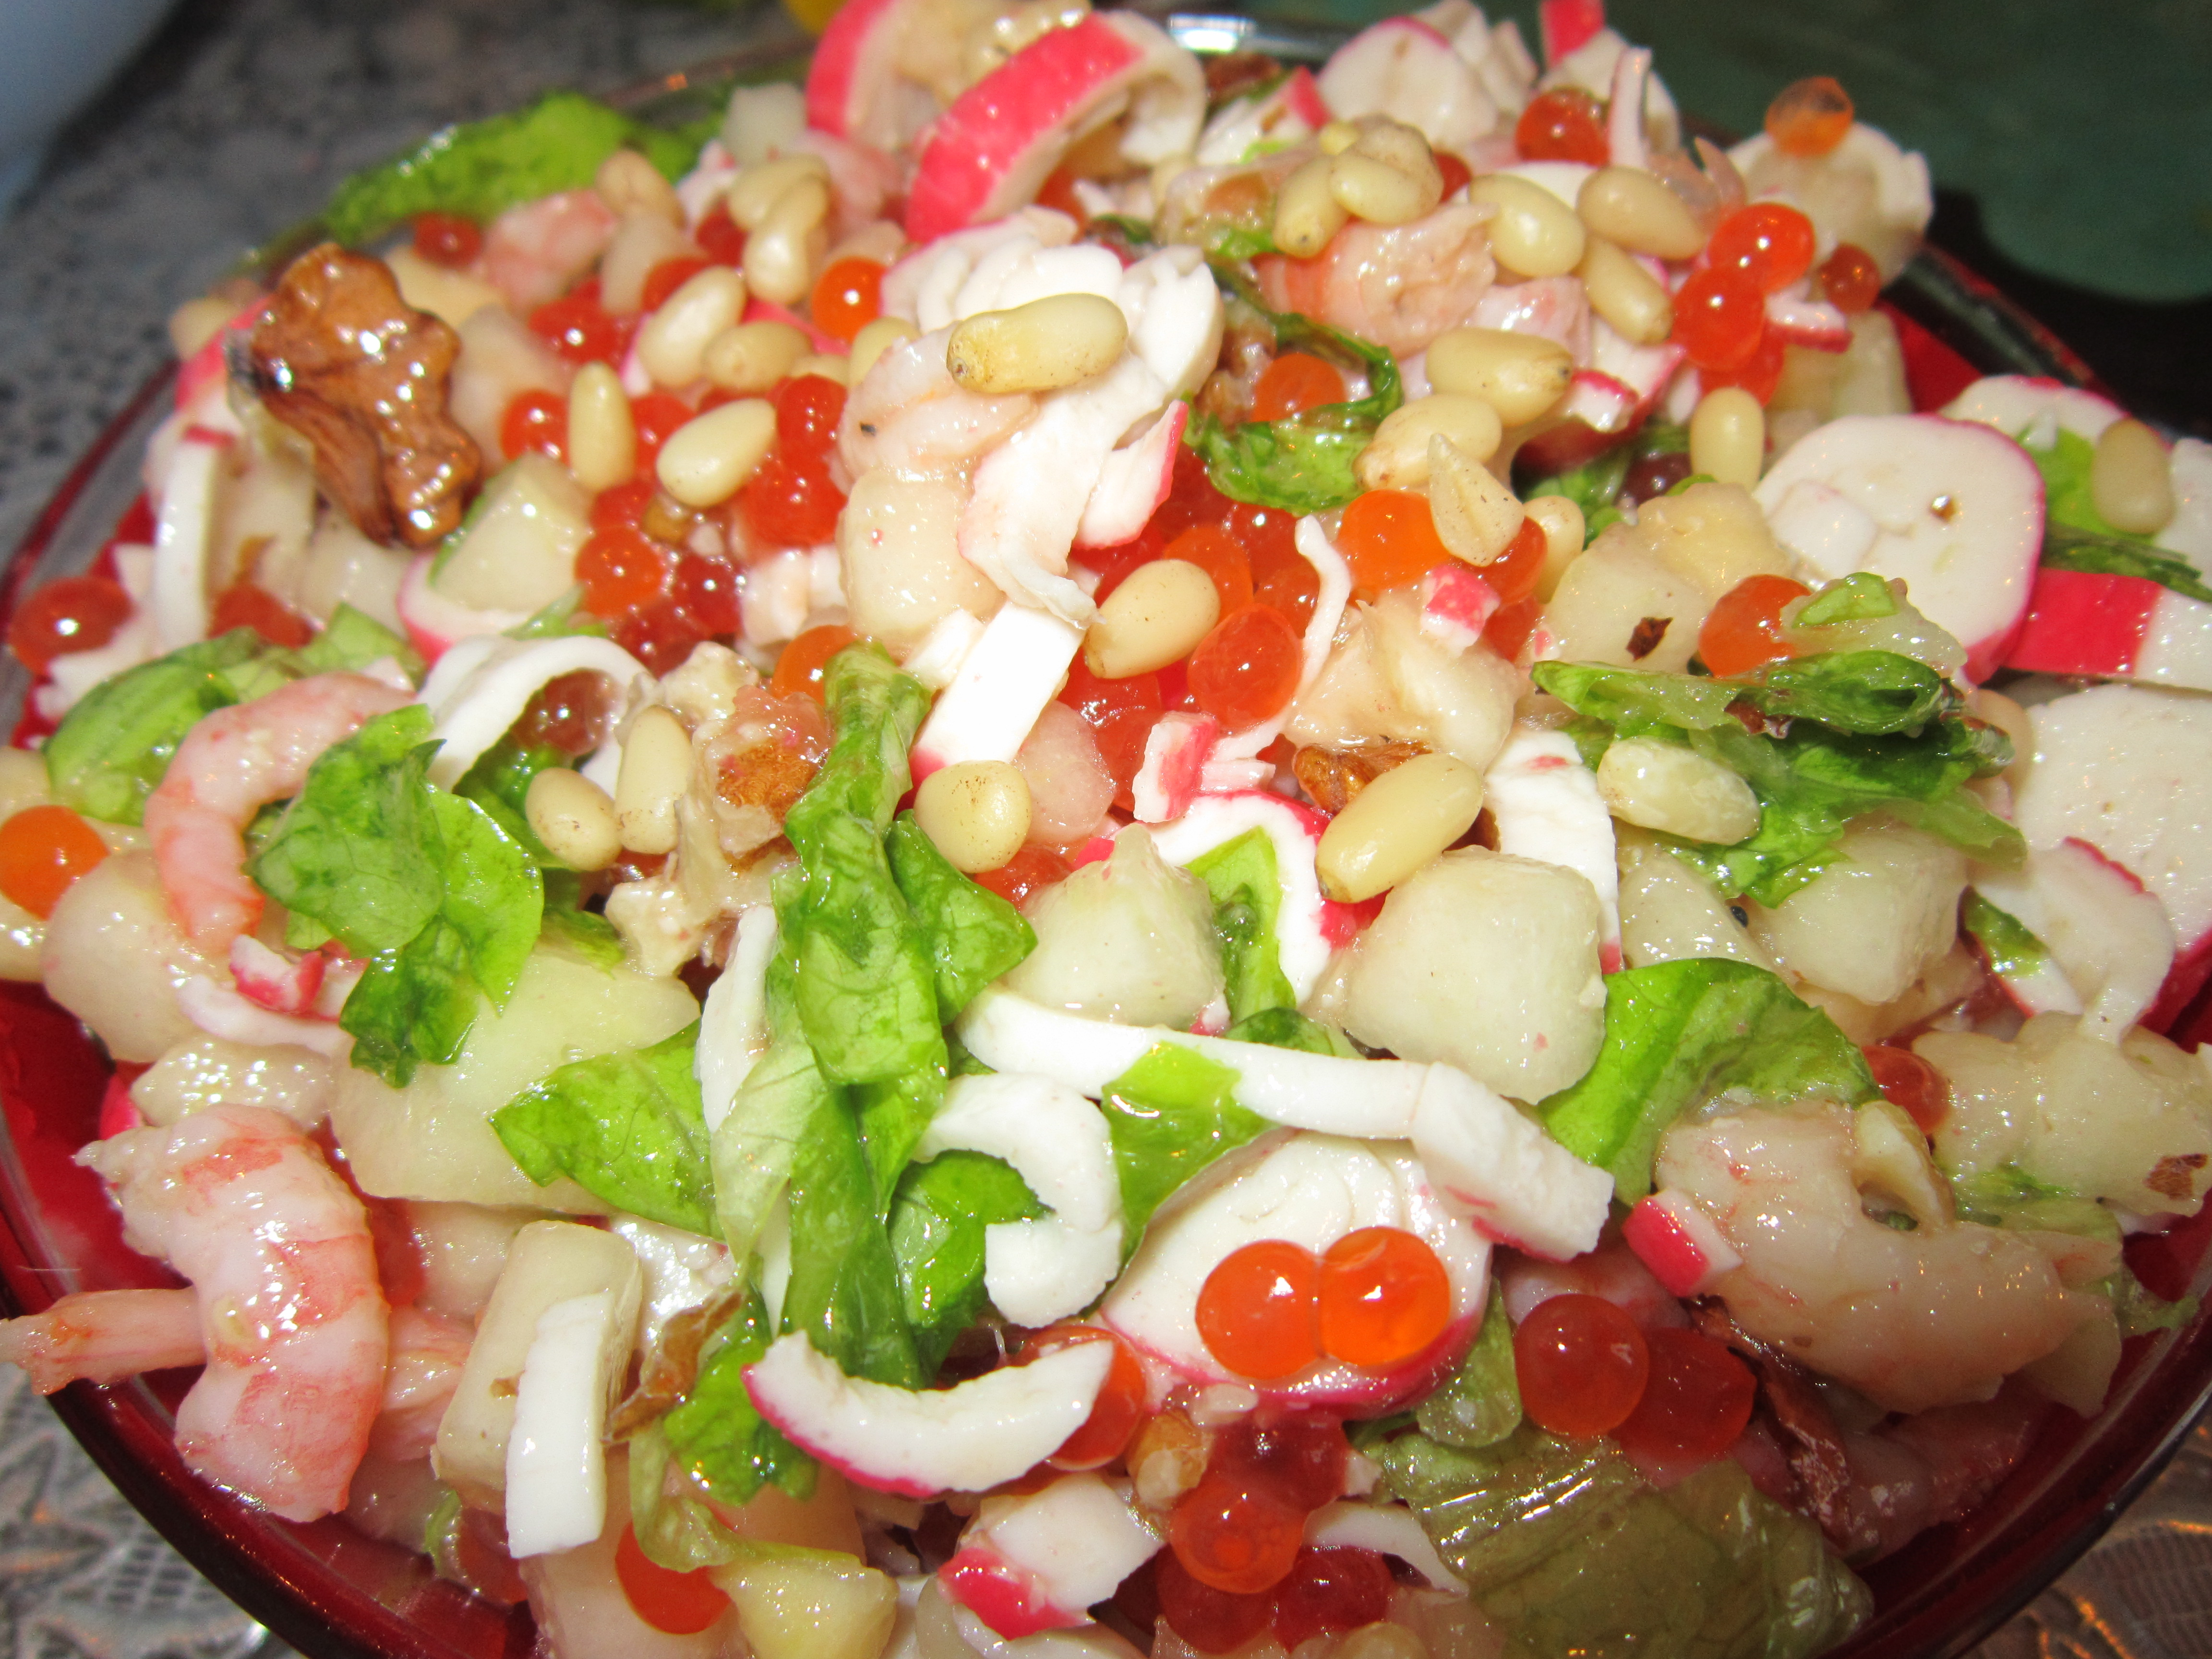 Салат с крабовыми палочками и креветками царский